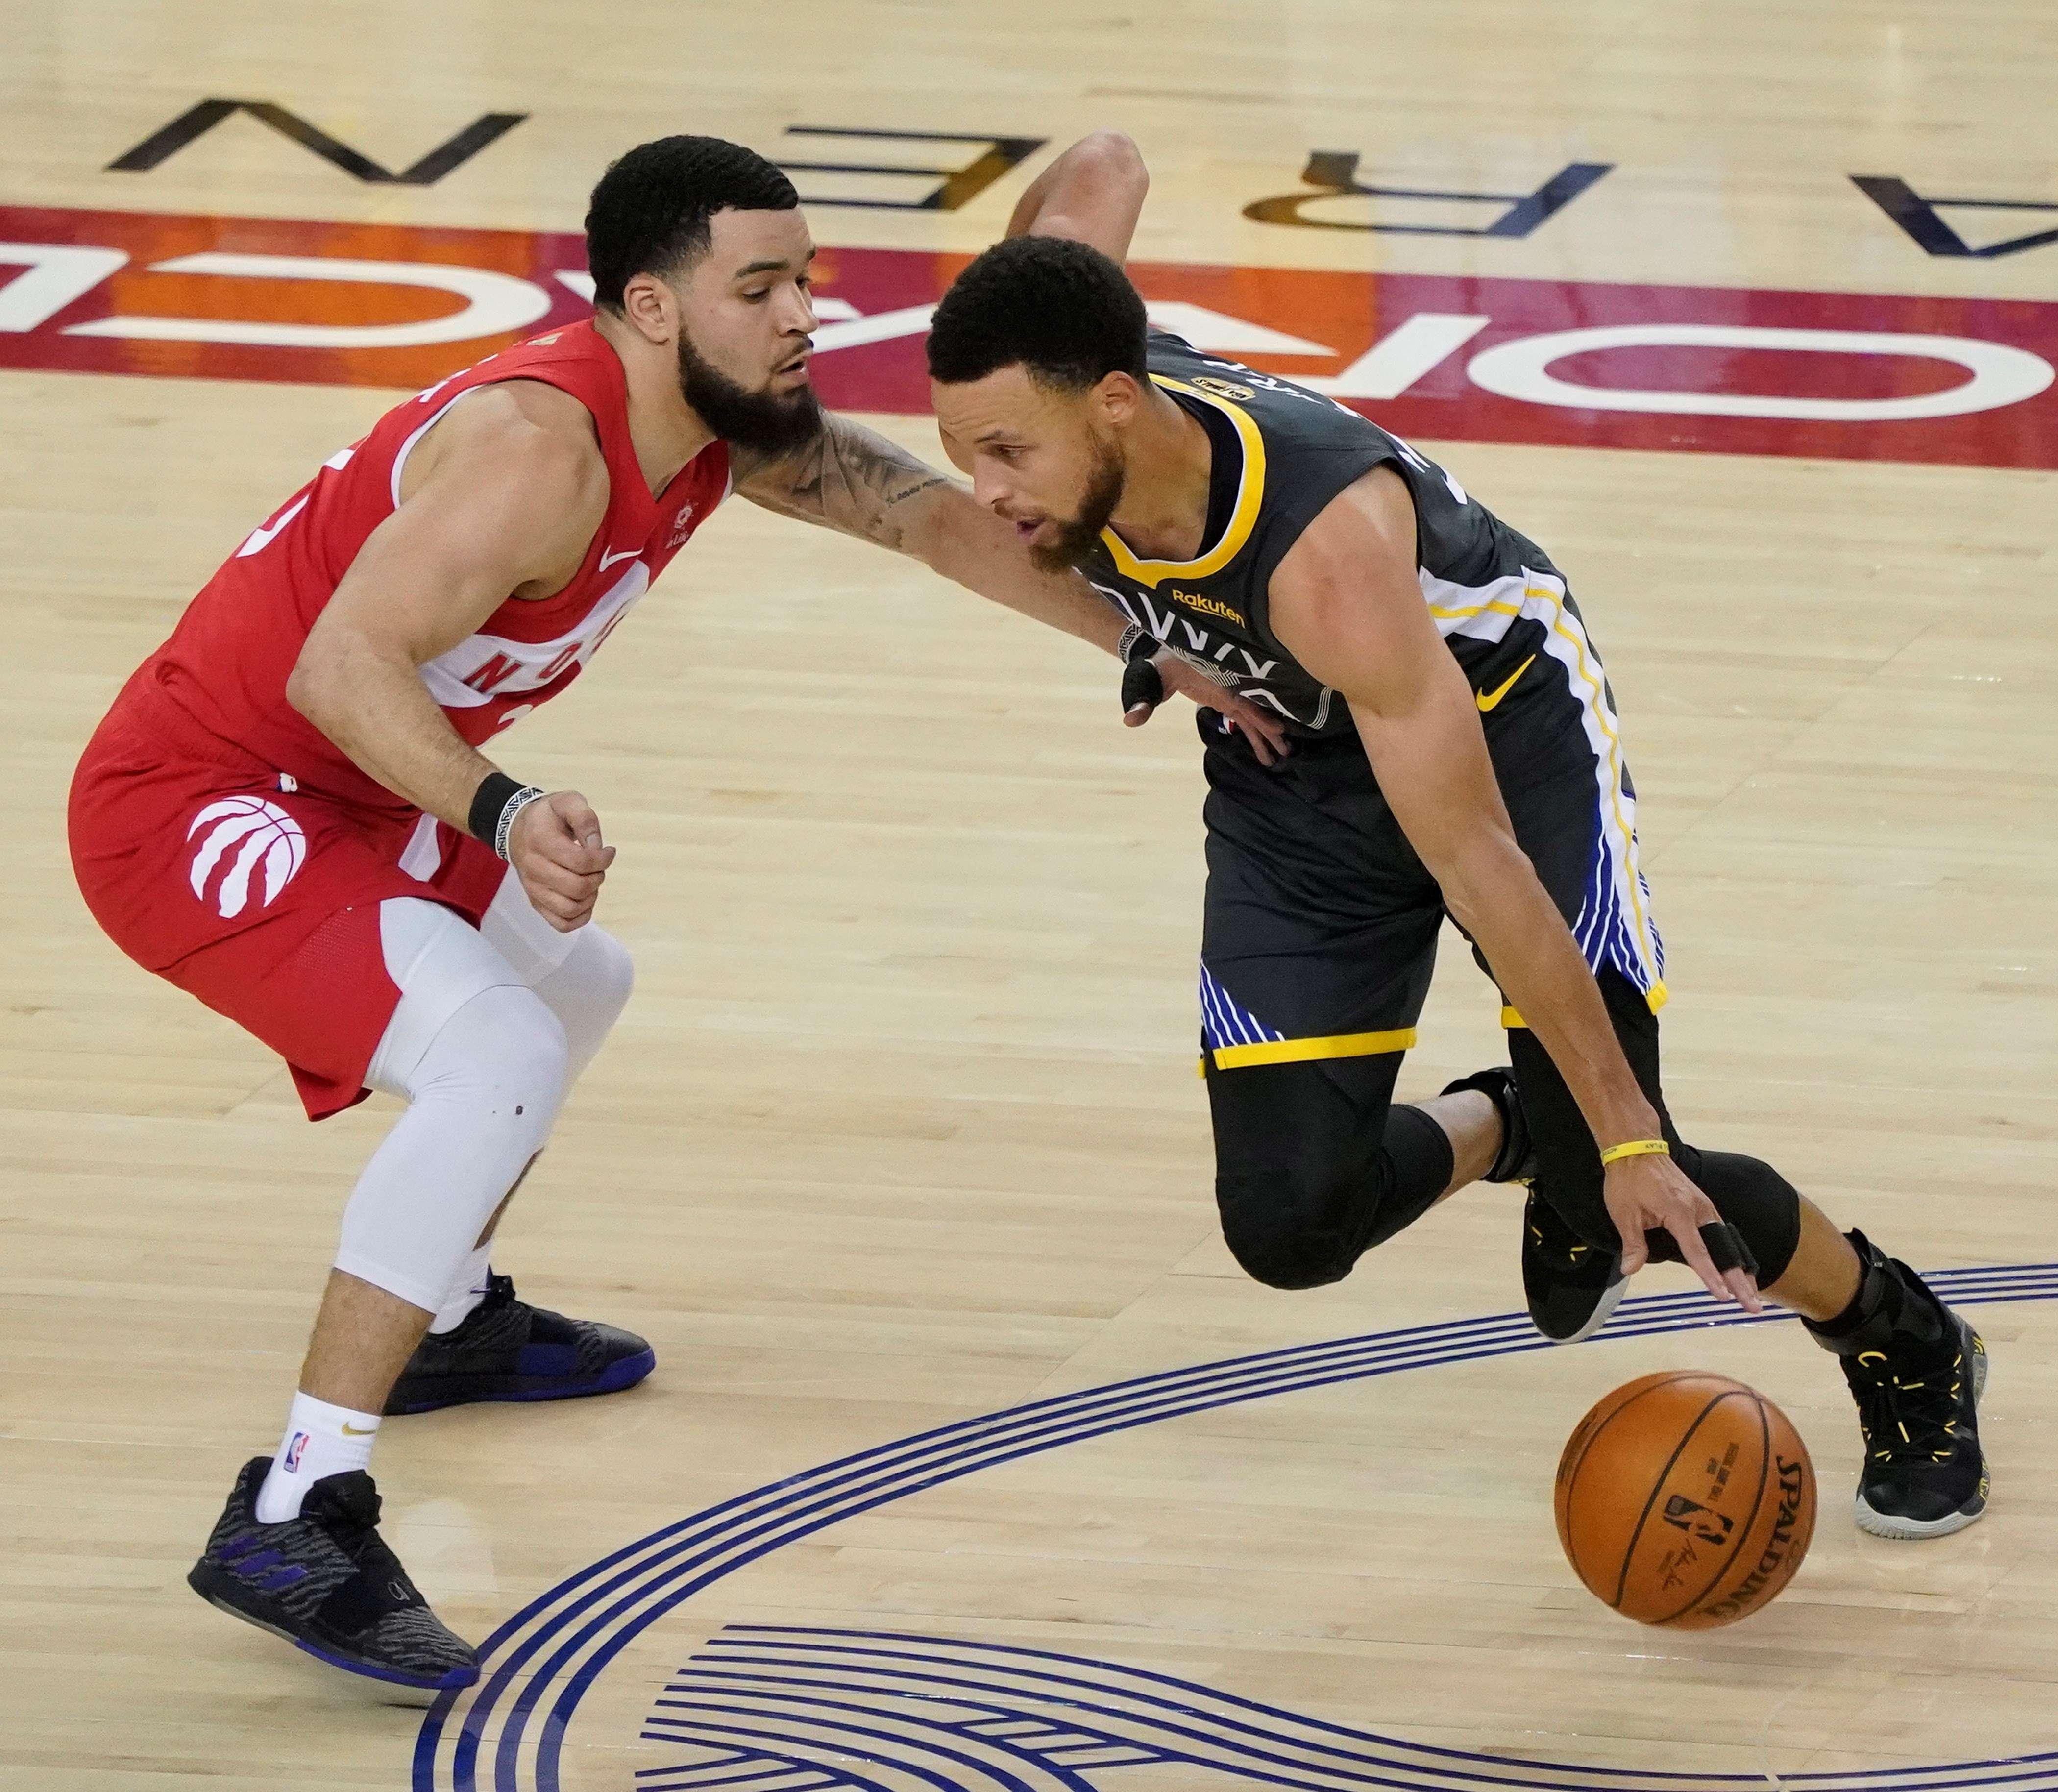 Kyle Lowry (i) de los Raptors de Toronto en acción frente a Stephen Curry (d) de los Warriors de Golden State. / EFE